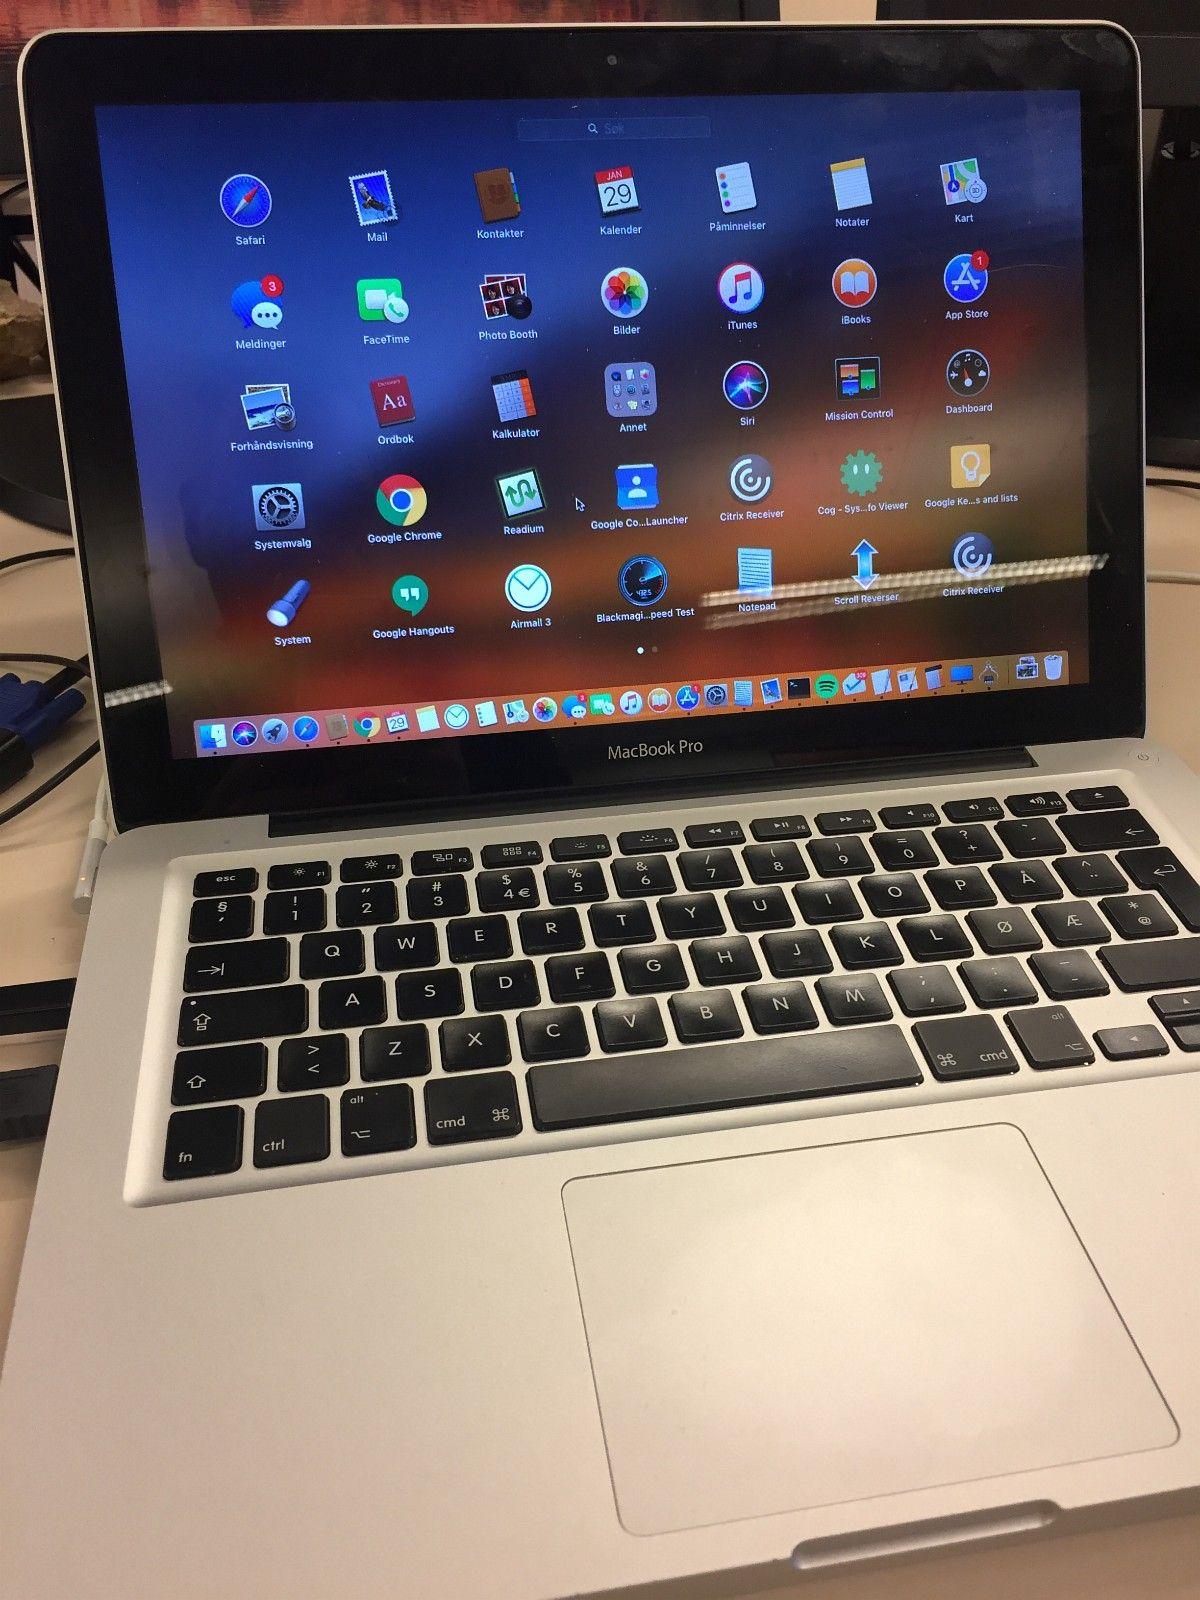 Macbook Pro mid 2012 med 8 gb minne og SSD - Bønes  - Pen Macbook Pro mid 2012 med 8 gb minne og ny Samsung 250+ GB SSD-disk på 120 GB. Intel Core i5-prosessor med 2,5 gHz hastighet.   Godt batteri med bare 92 ladesykluser.  Noen små hakk og bruksmerker, men ellers en he - Bønes